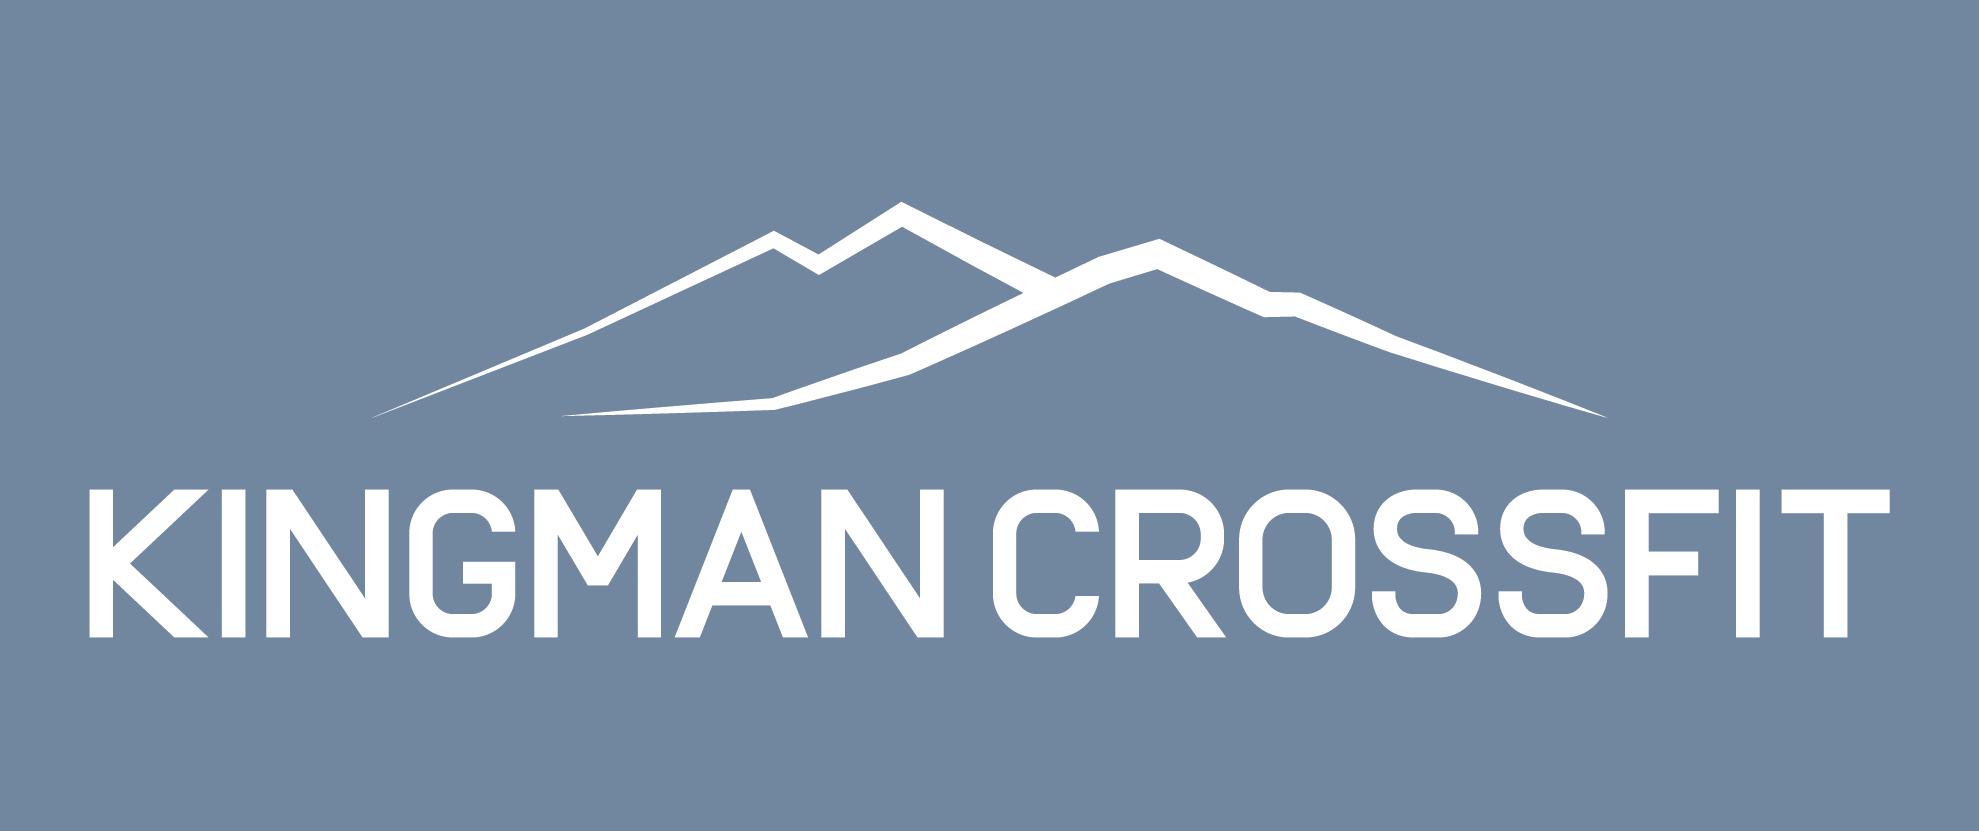 Kingman CrossFit